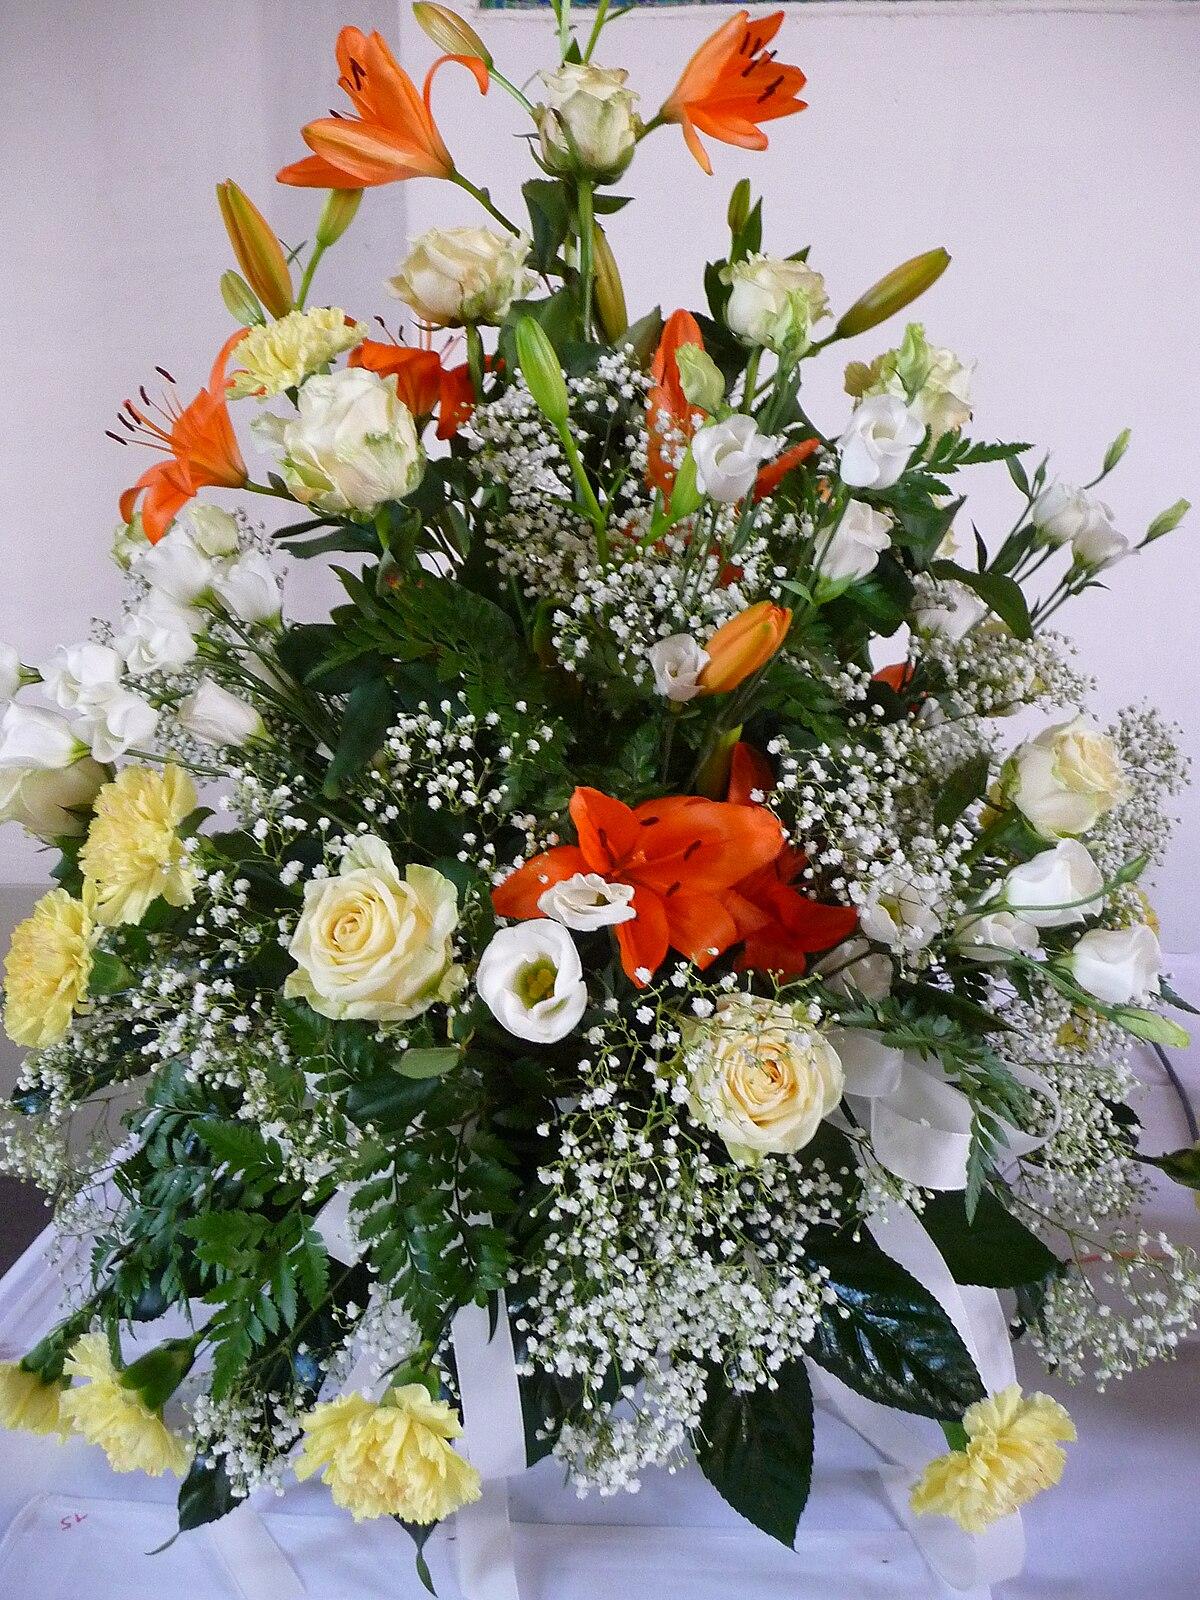 Csokor wikisz t r for Bouquet de fleurs wiki